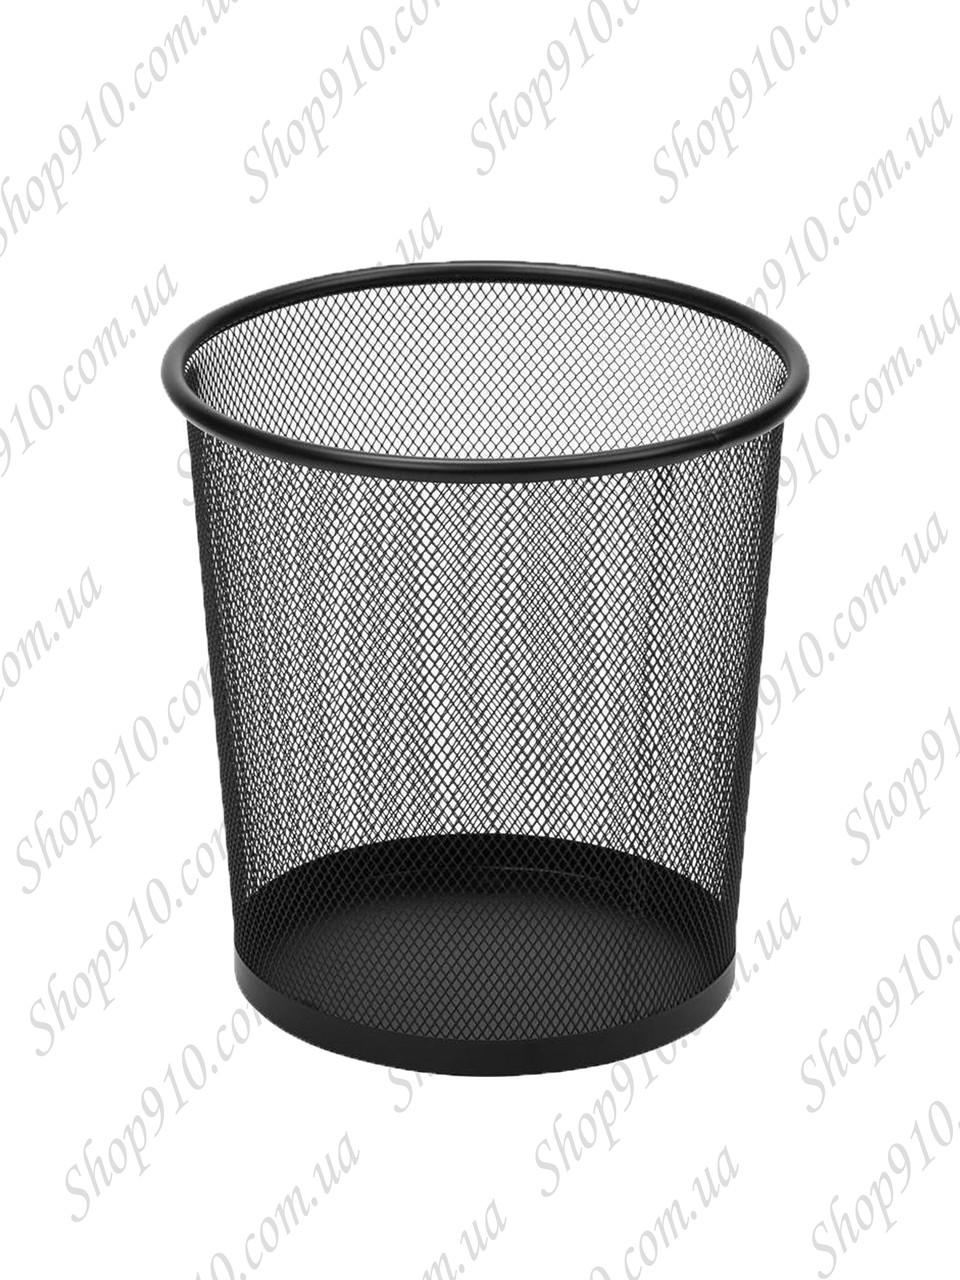 Офисная корзина для бумаги и мусора (средняя, чёрная)